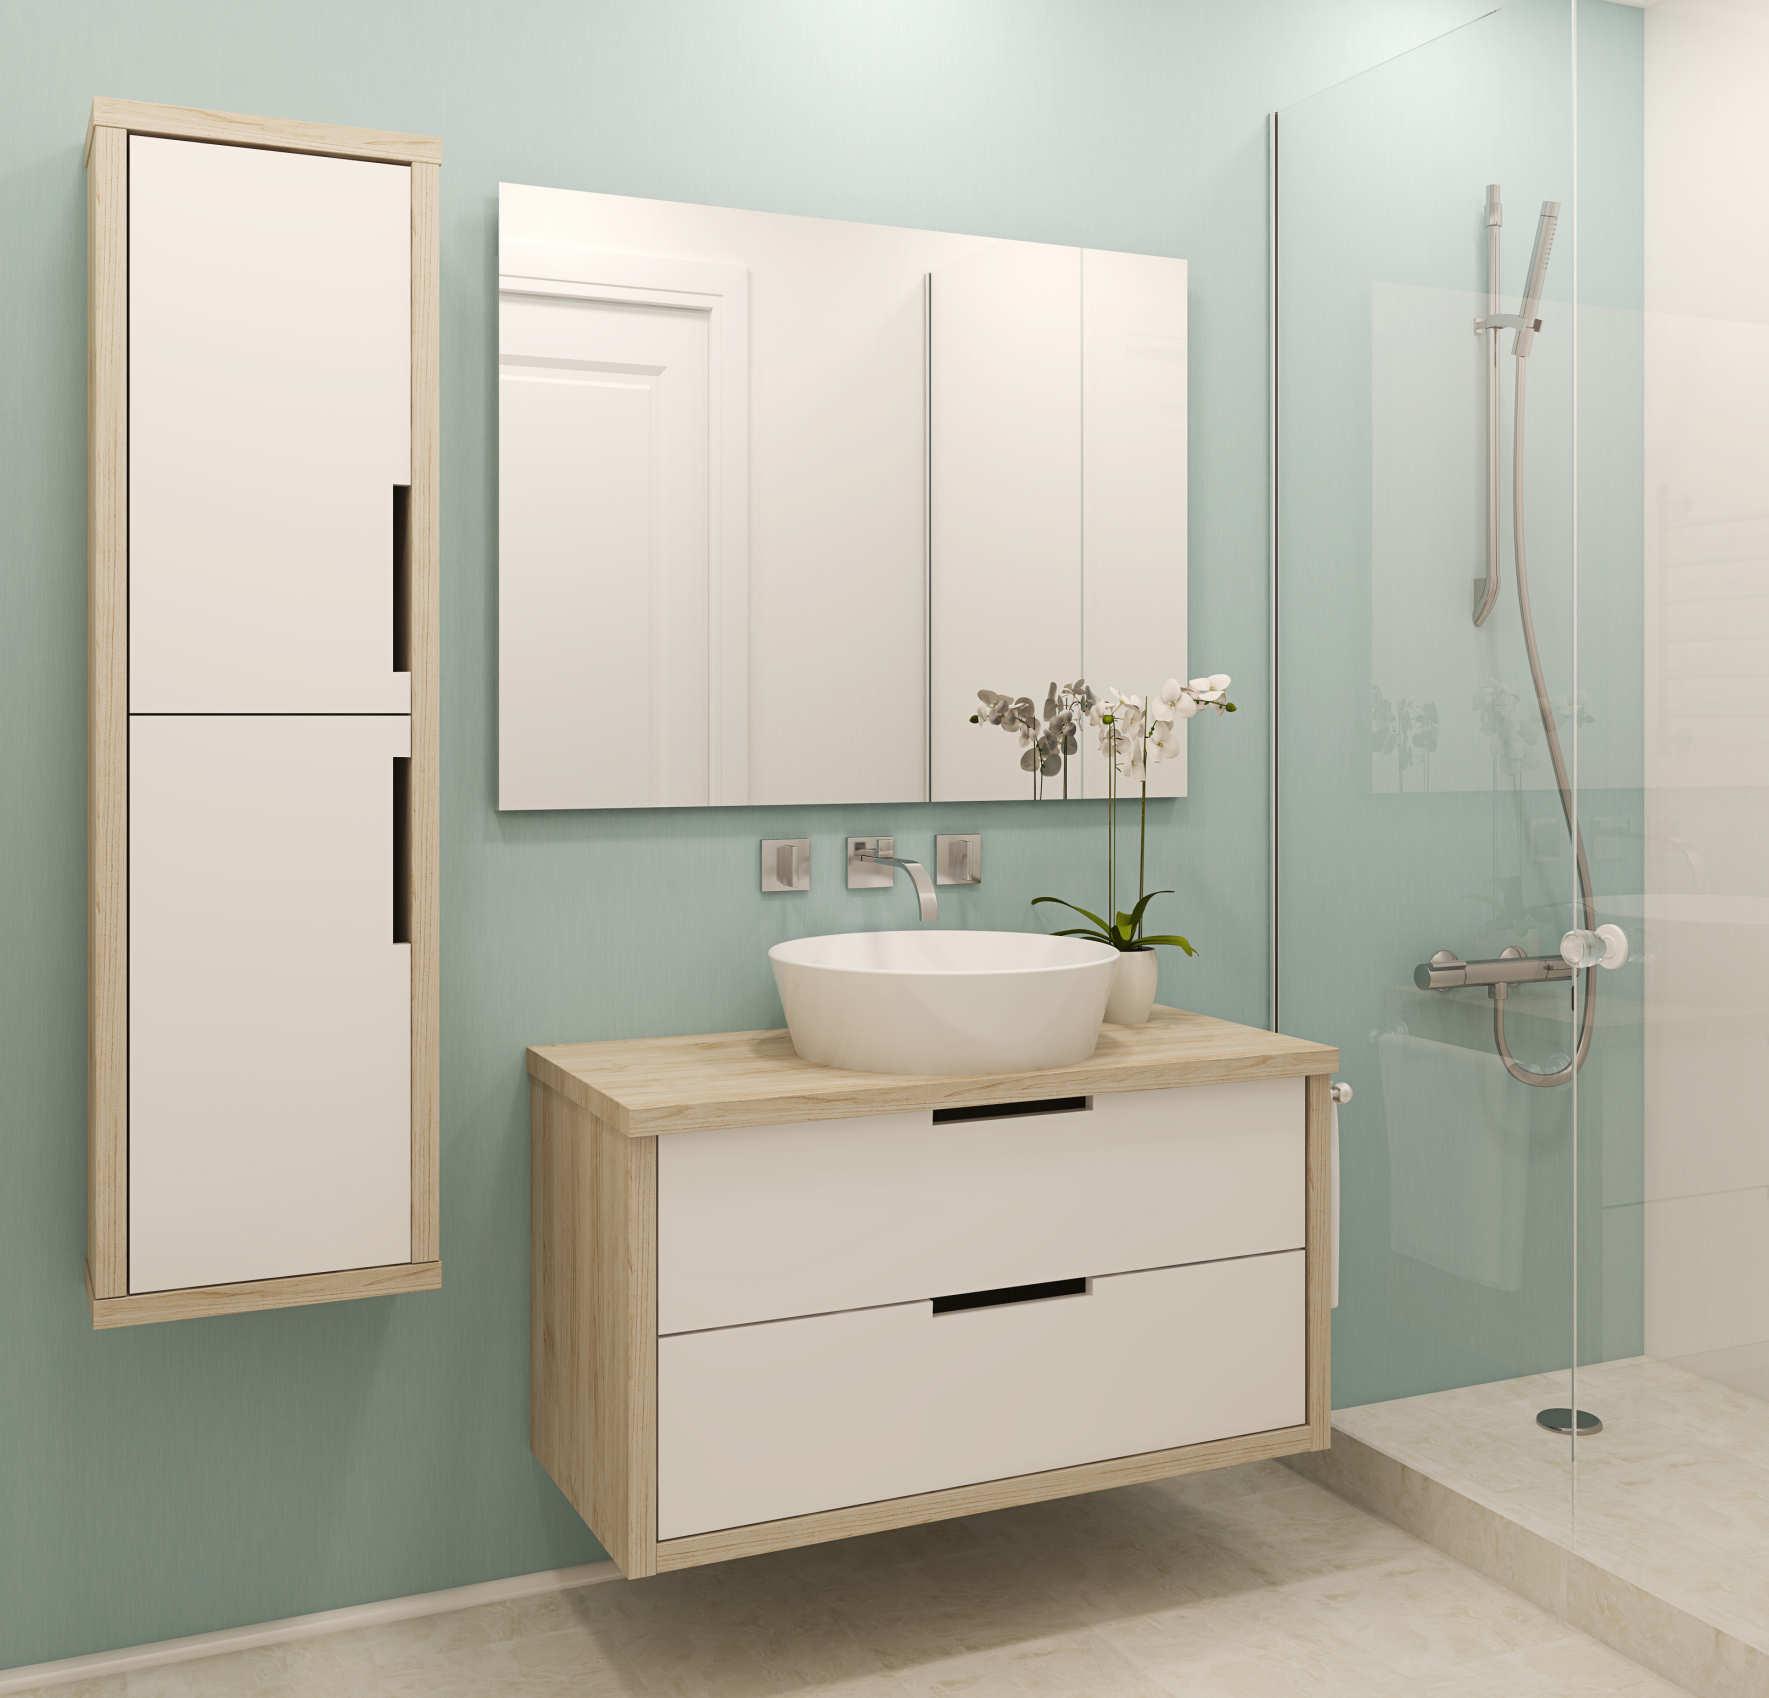 Lamparas Para Baños Minimalistas:de bano minimalista muebles de bano minimalista muebles de bano